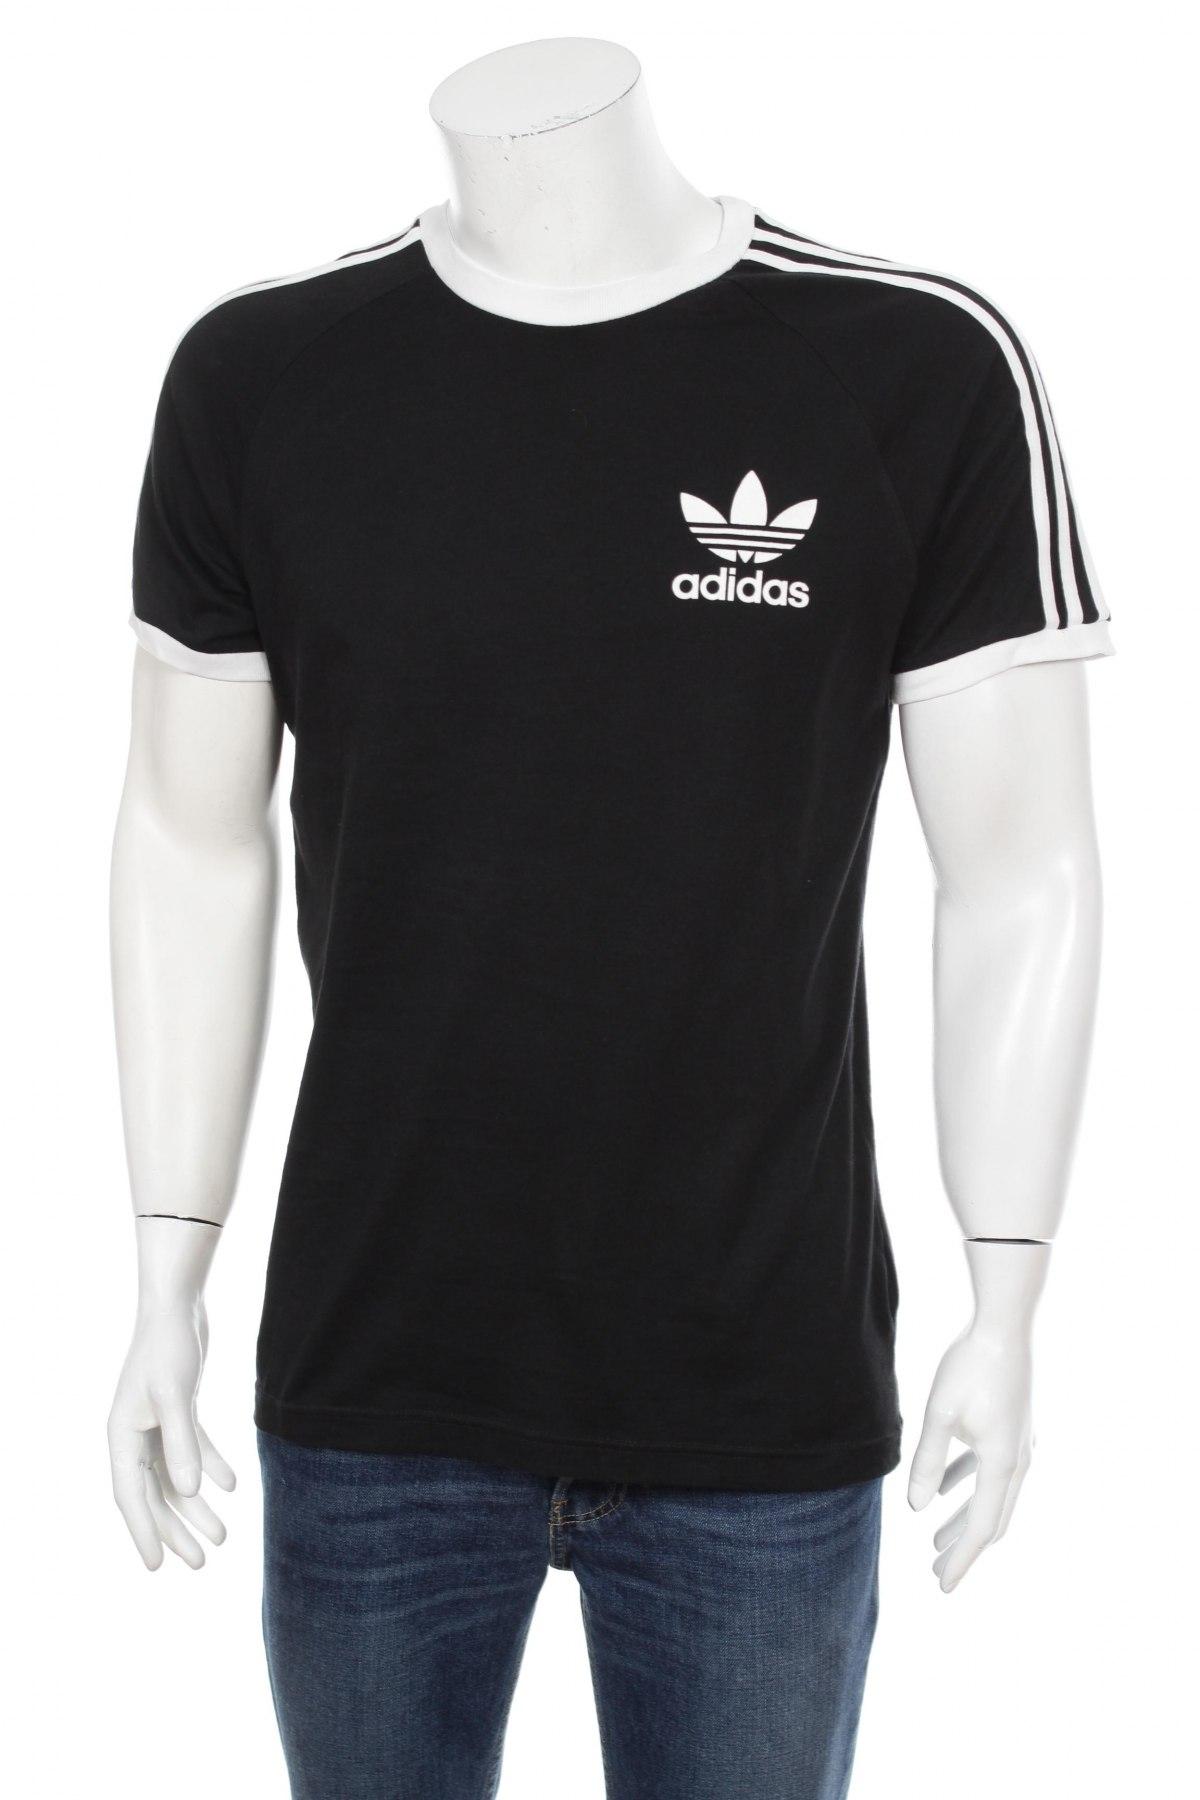 420b703390 Férfi póló Adidas Originals - kedvező áron Remixben - #101889668